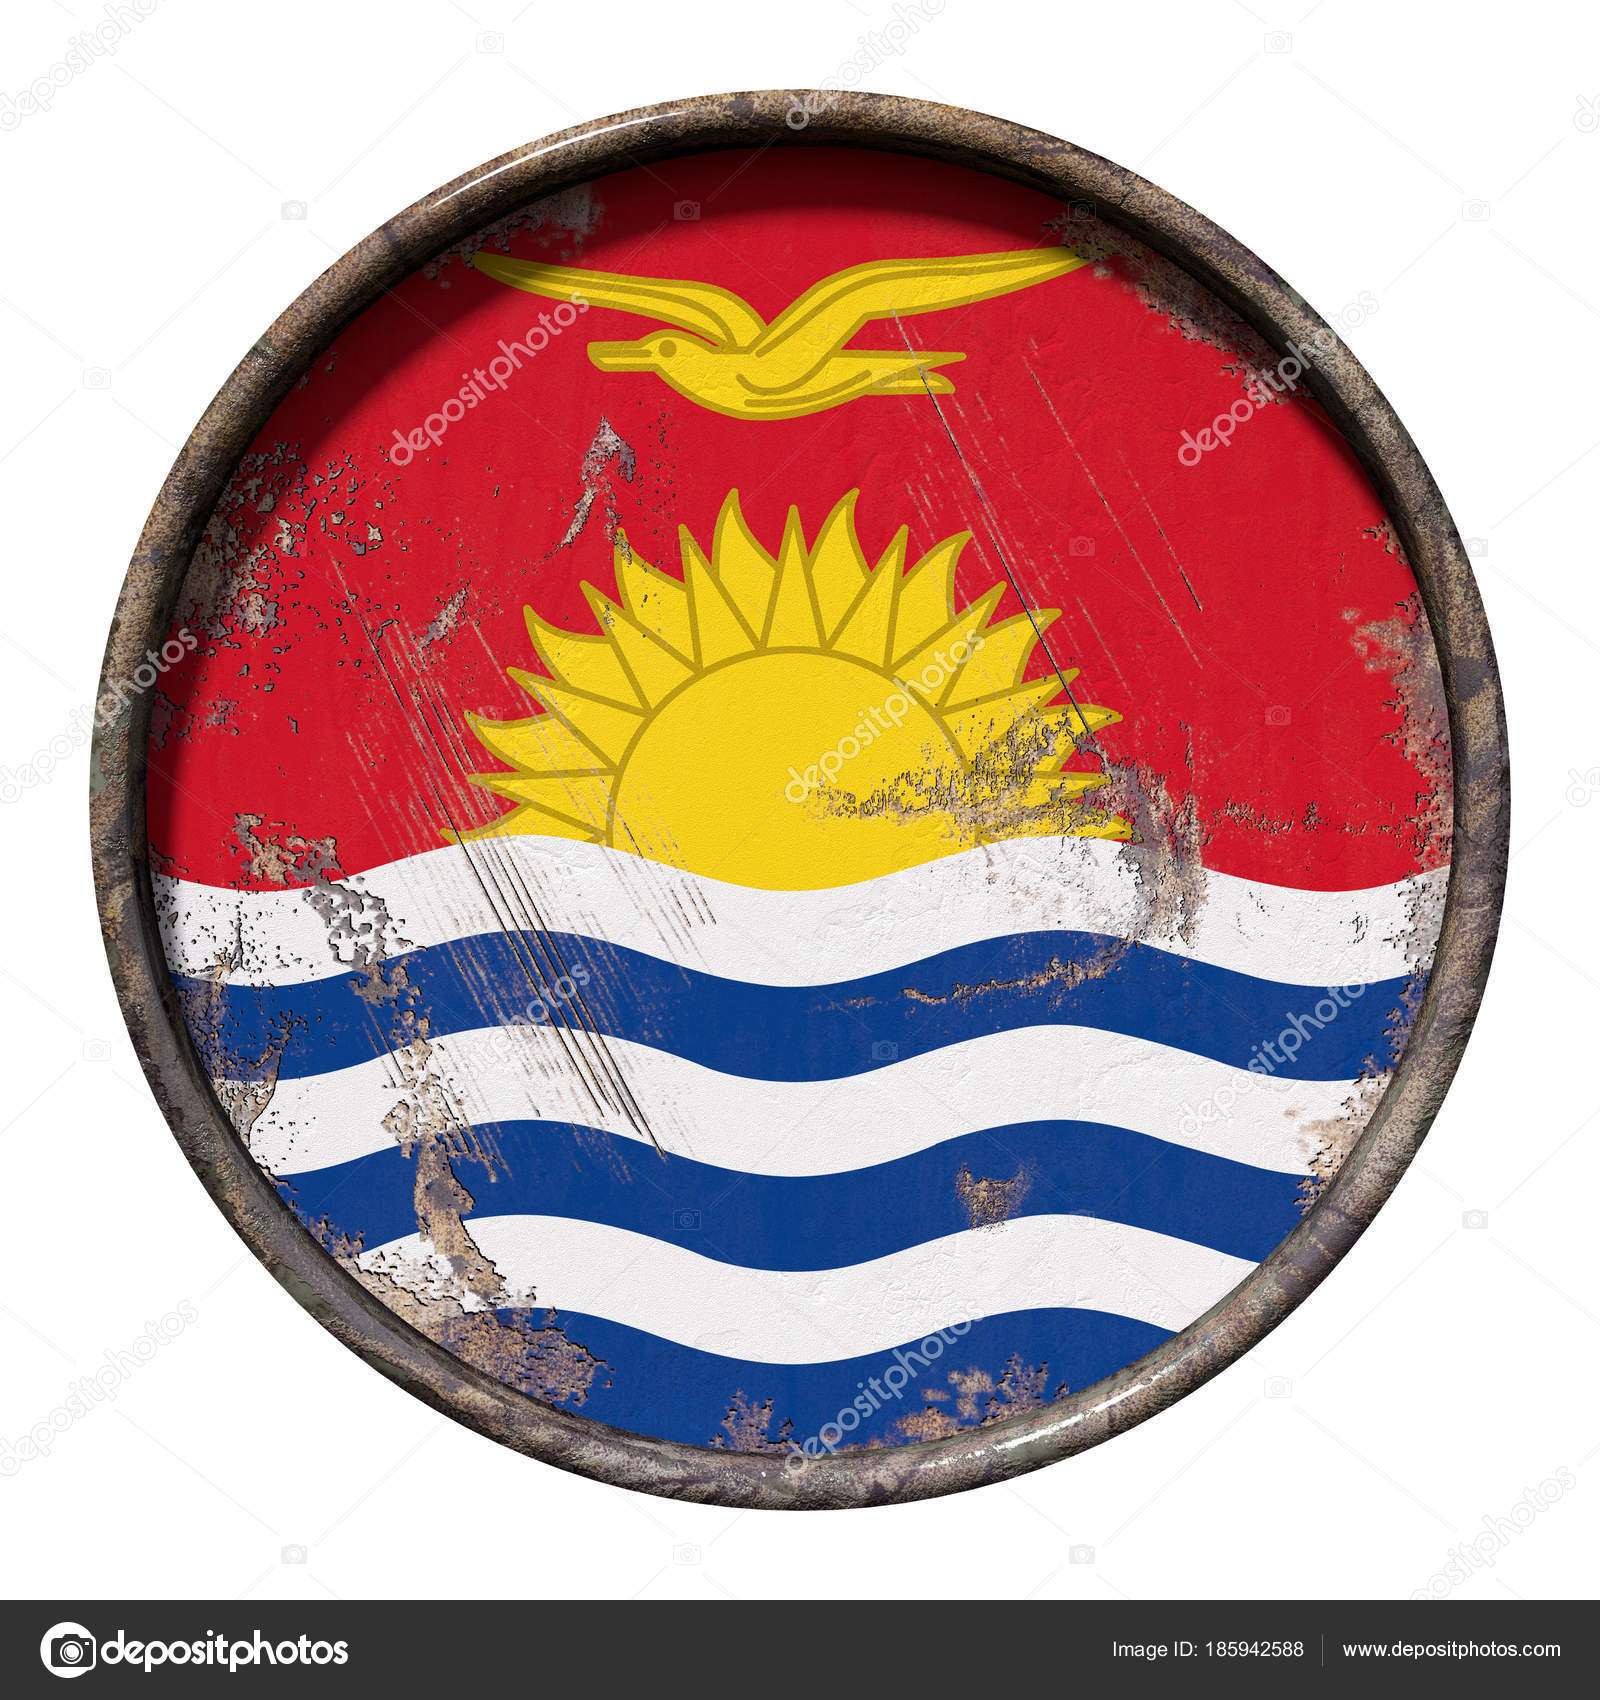 Kiribati grunge flag photo